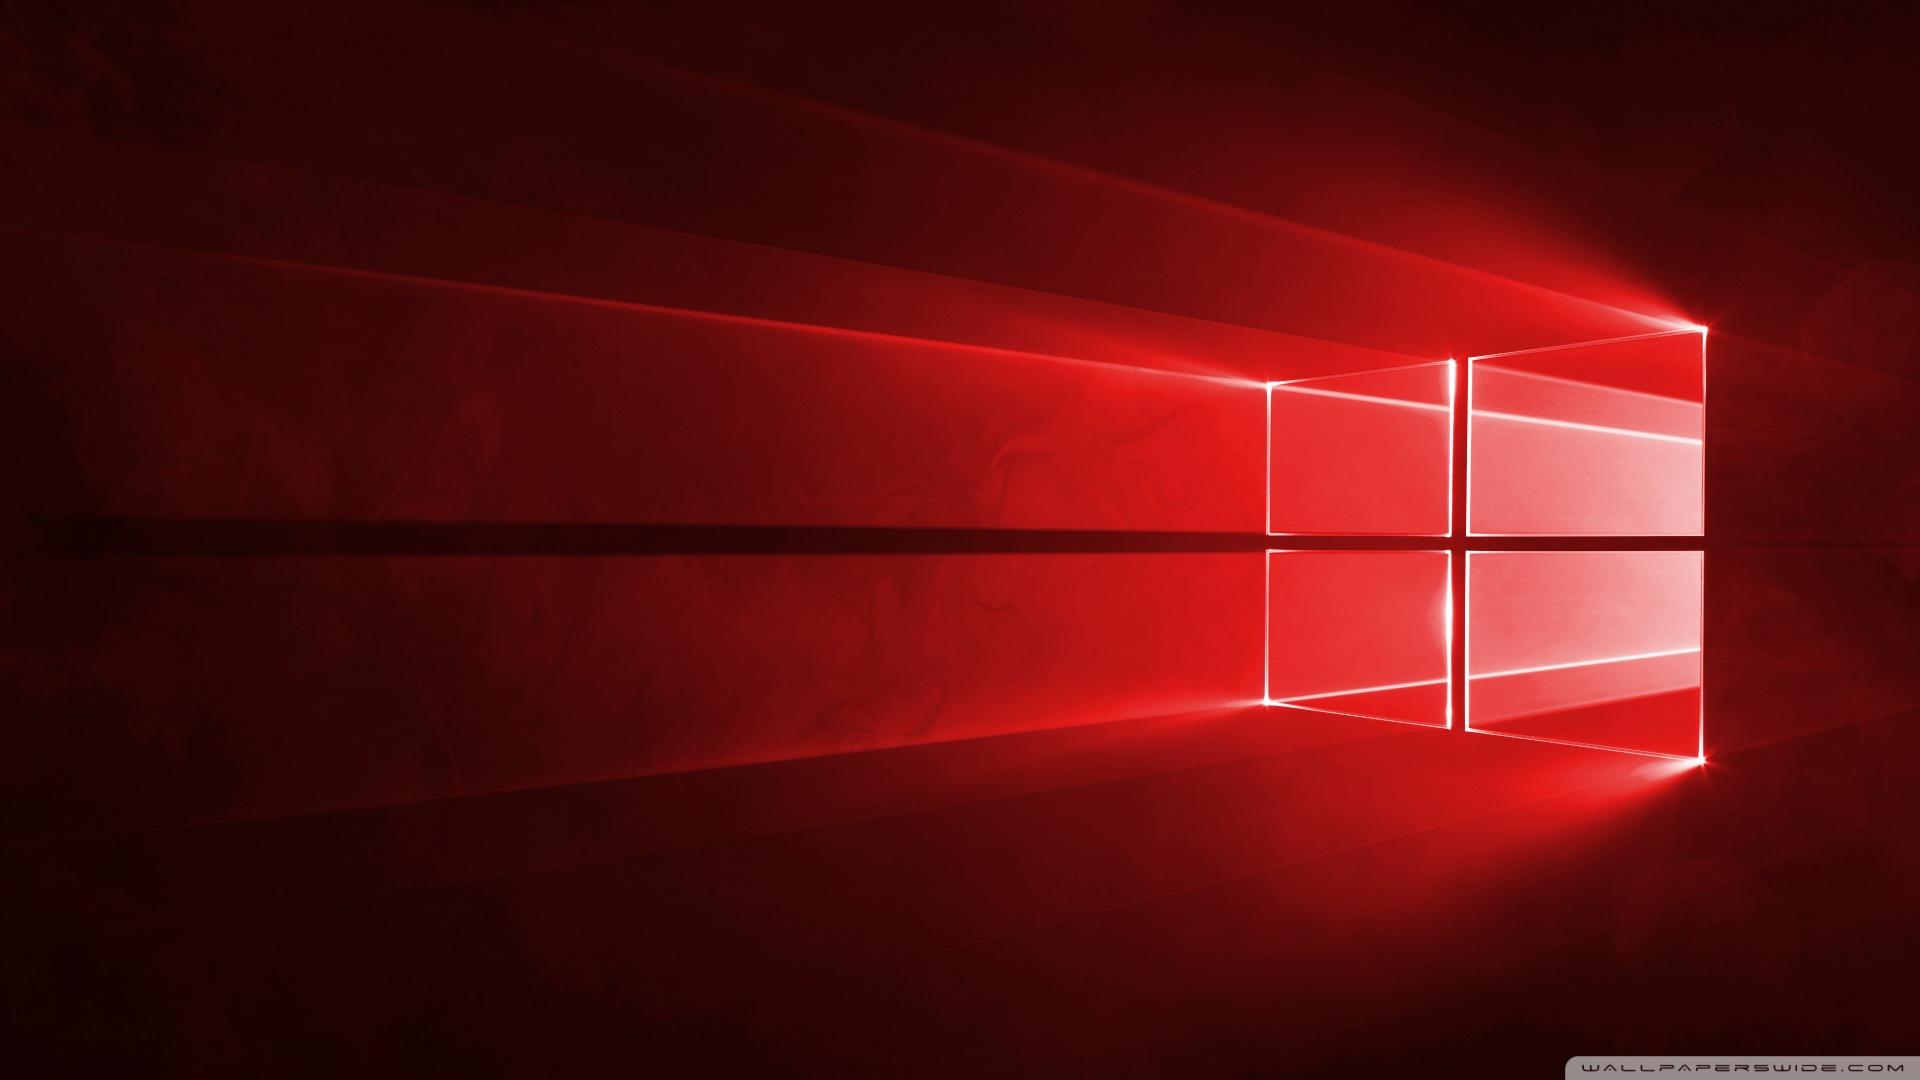 Fall Dual Monitor Wallpaper Windows 10 Red In 4k 4k Hd Desktop Wallpaper For Wide